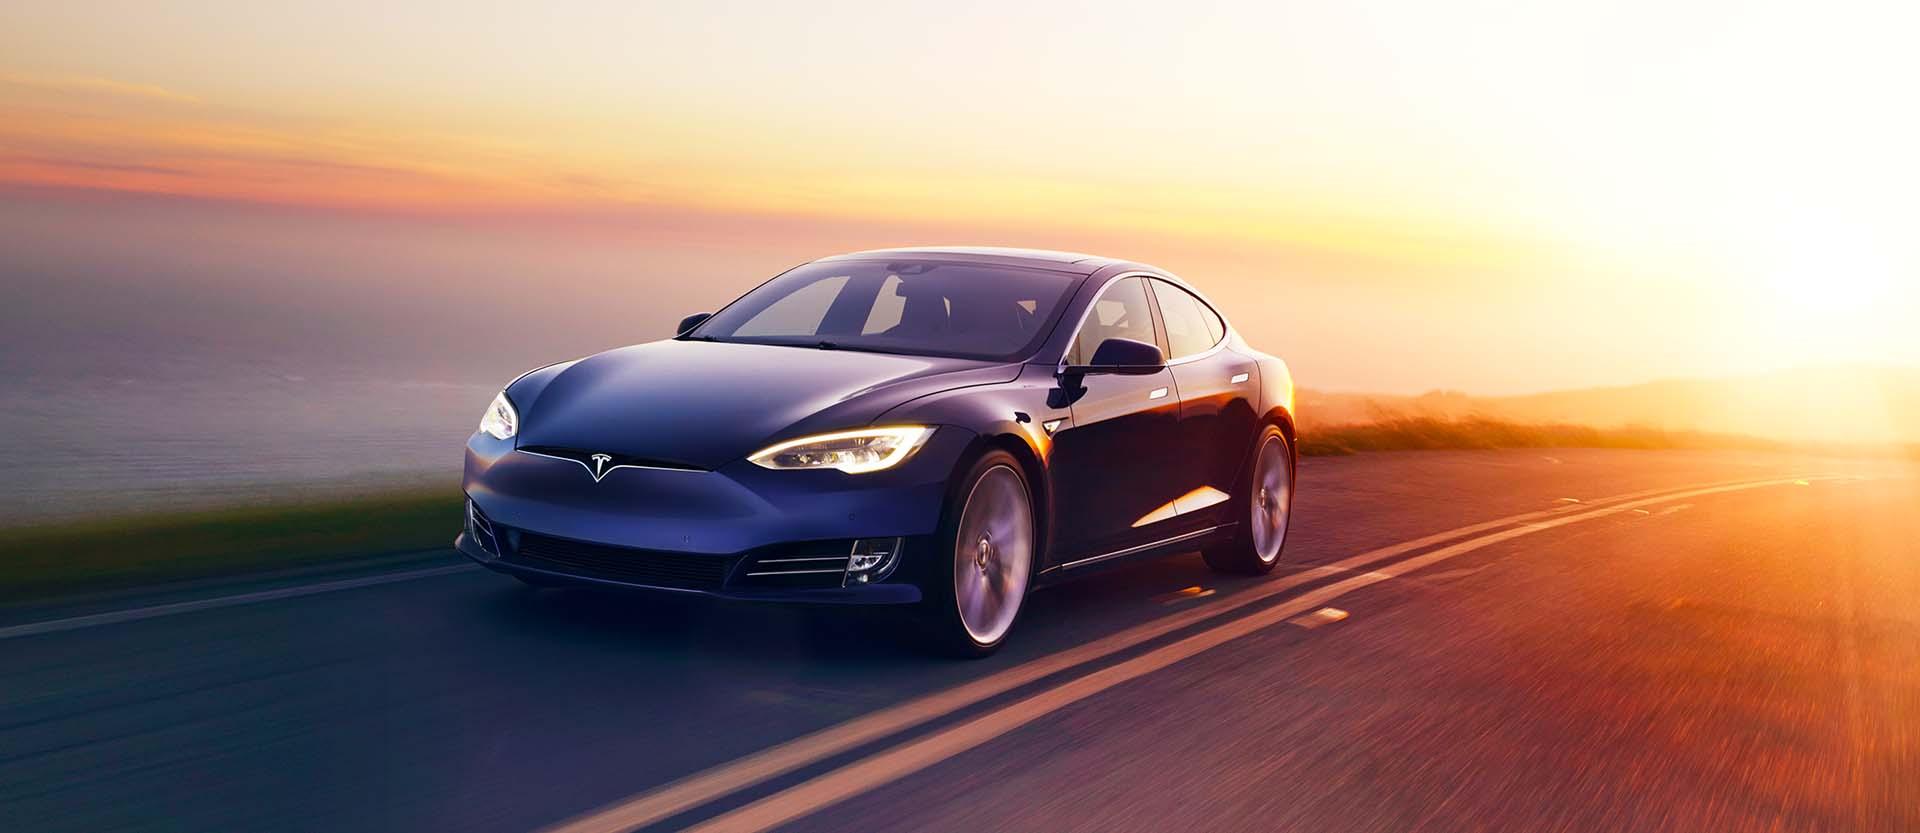 Tesla p100d ludicrous